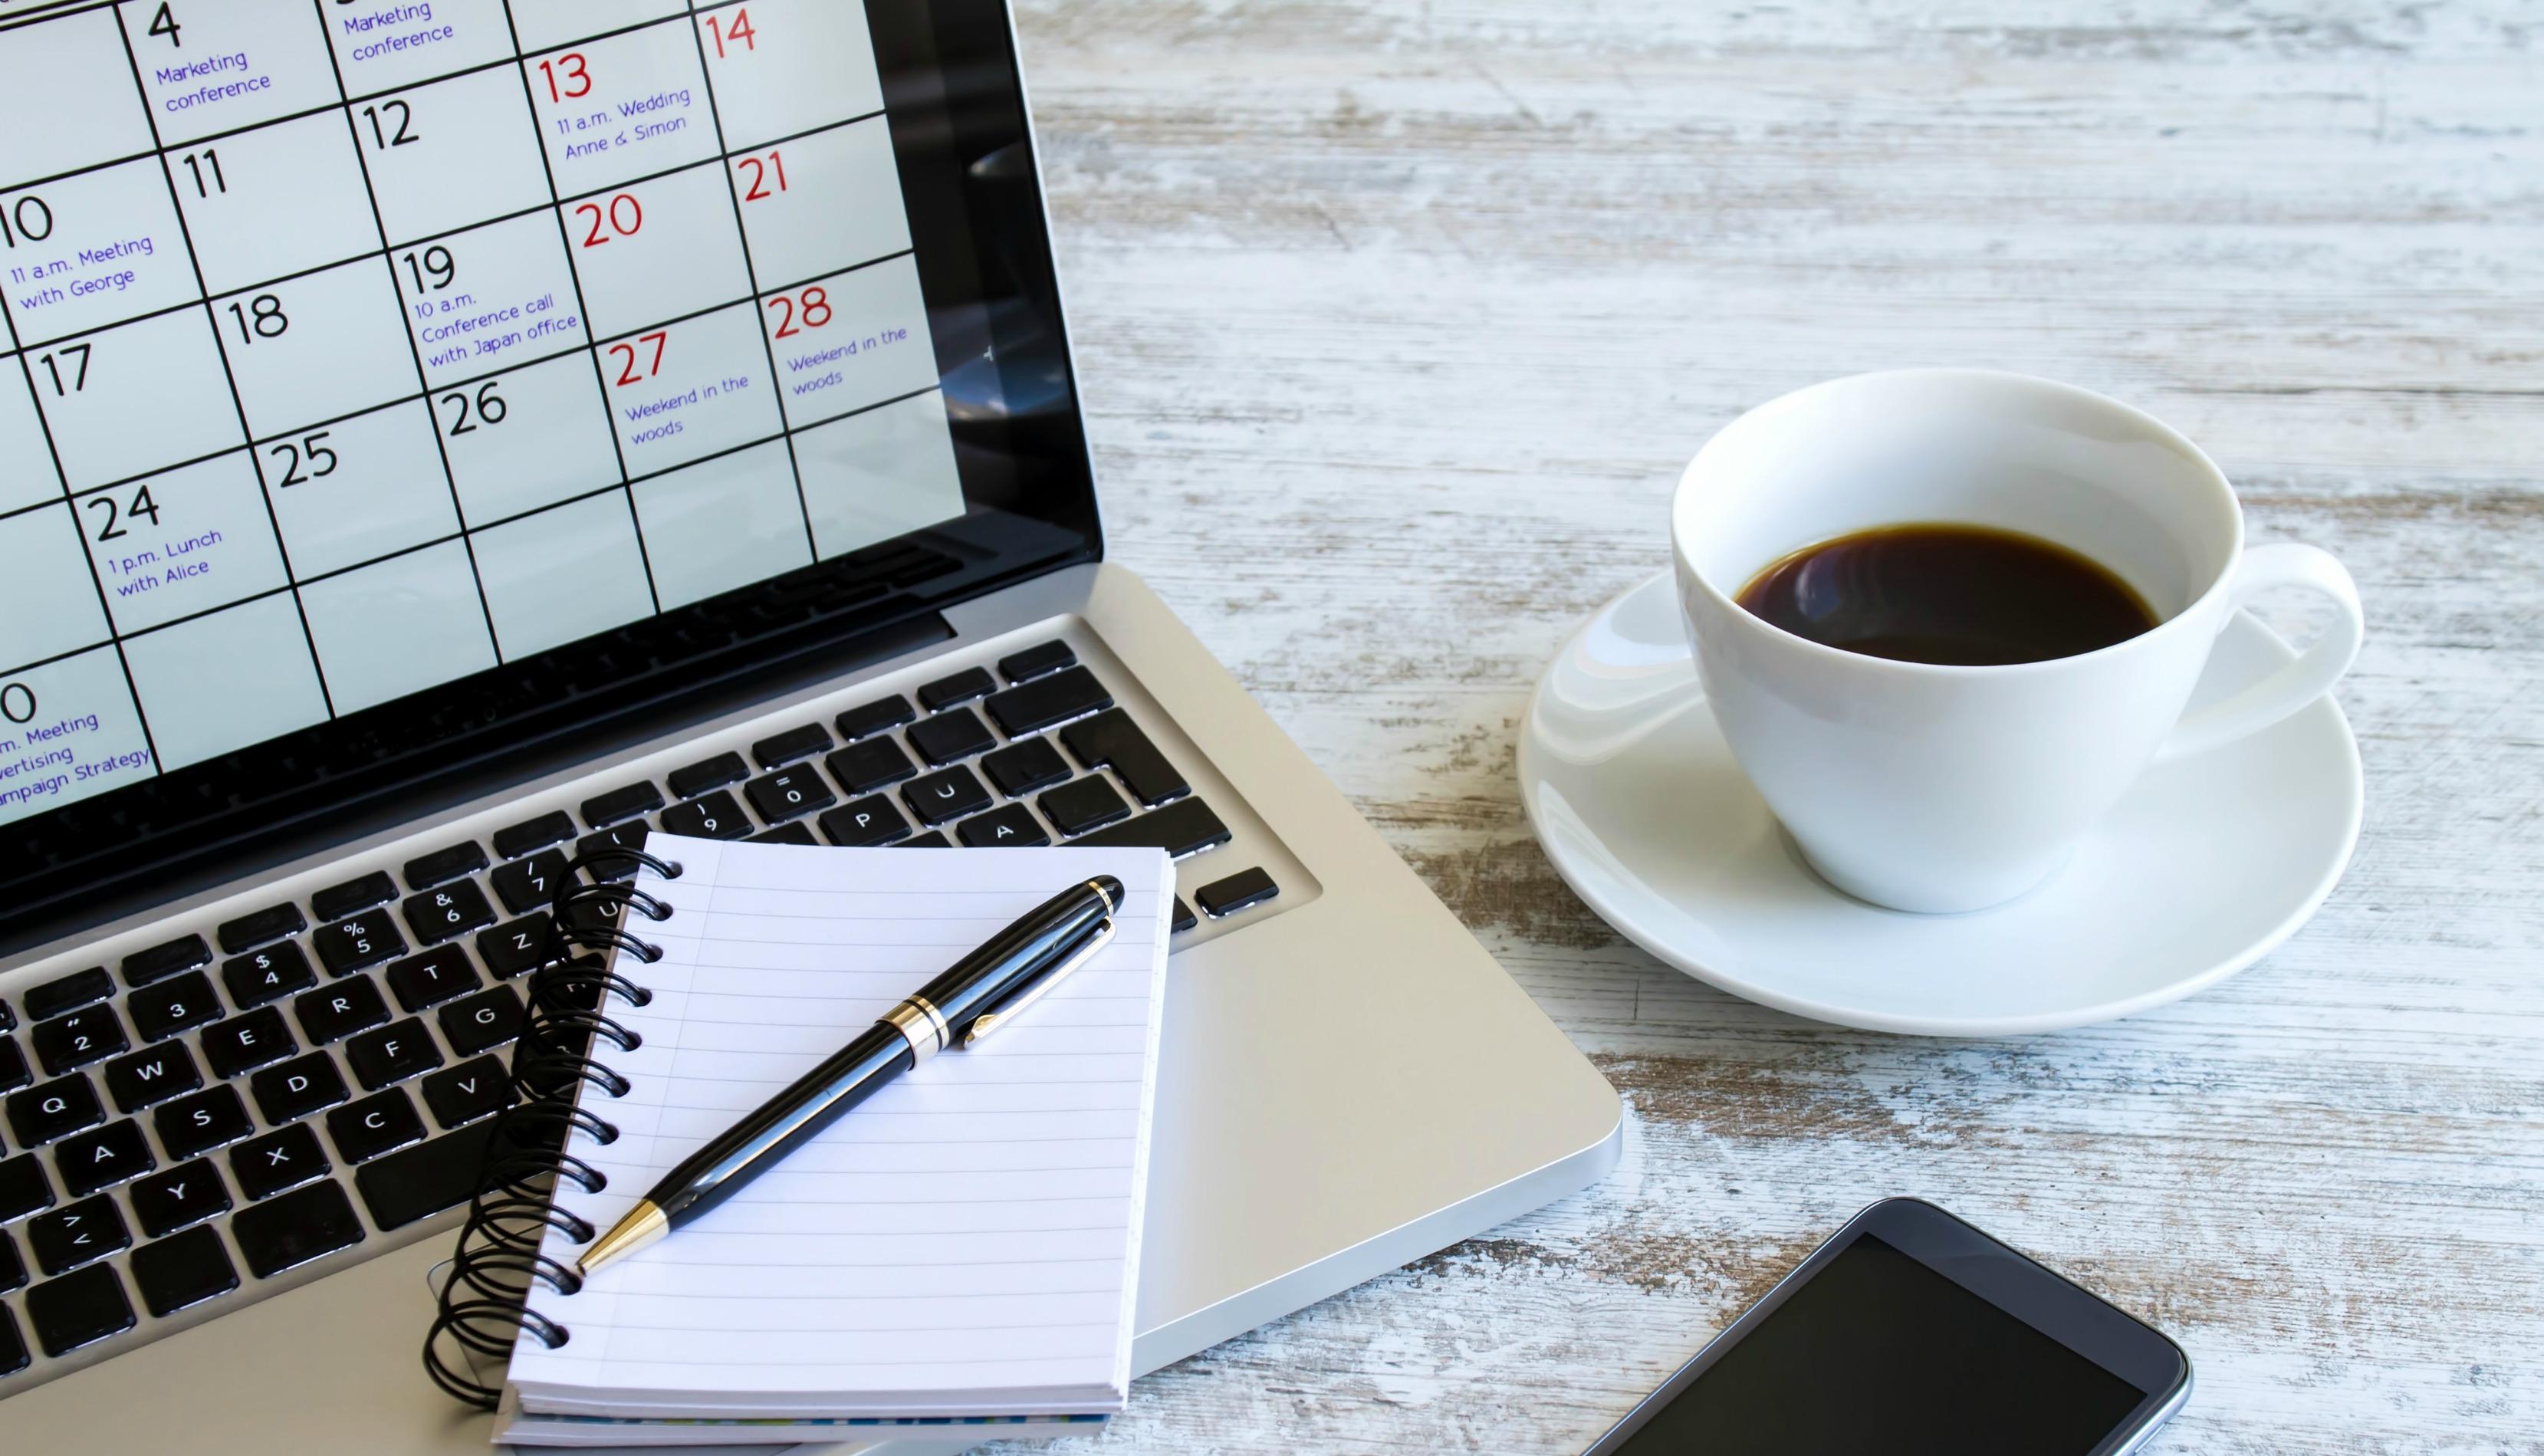 overbooking schedule